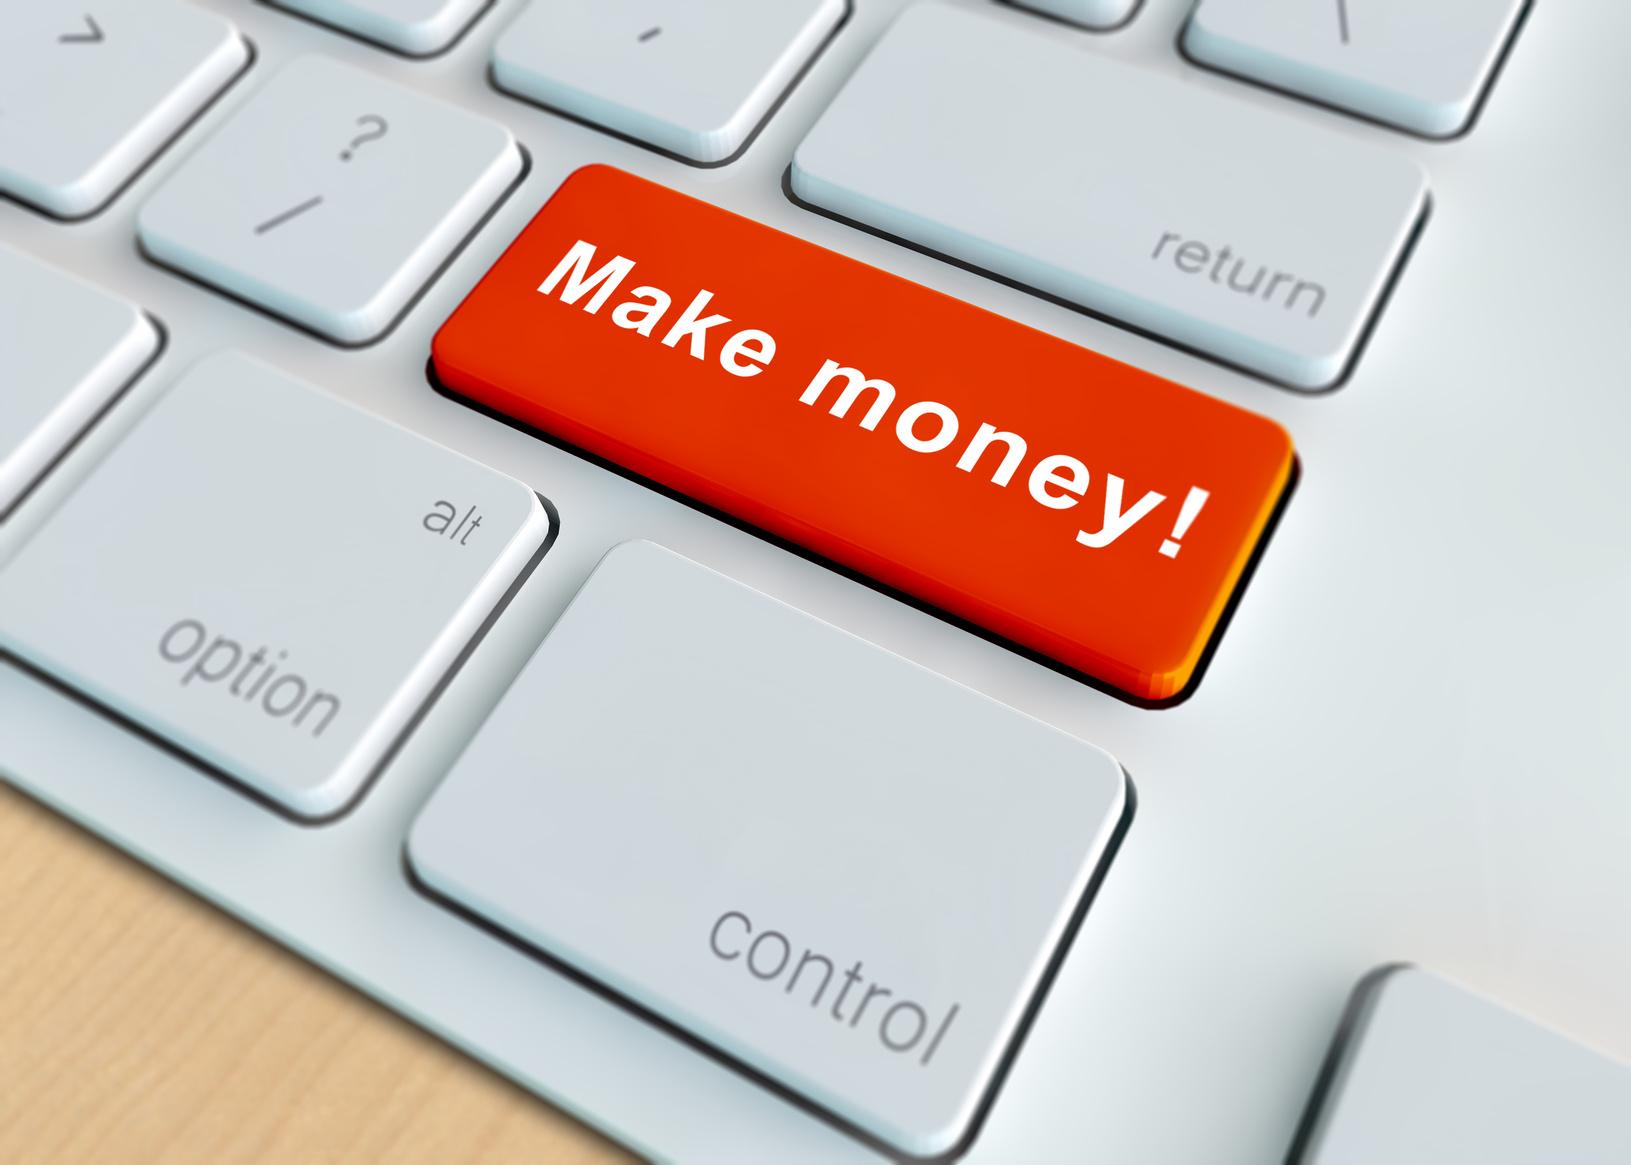 Make Money on Internet Key